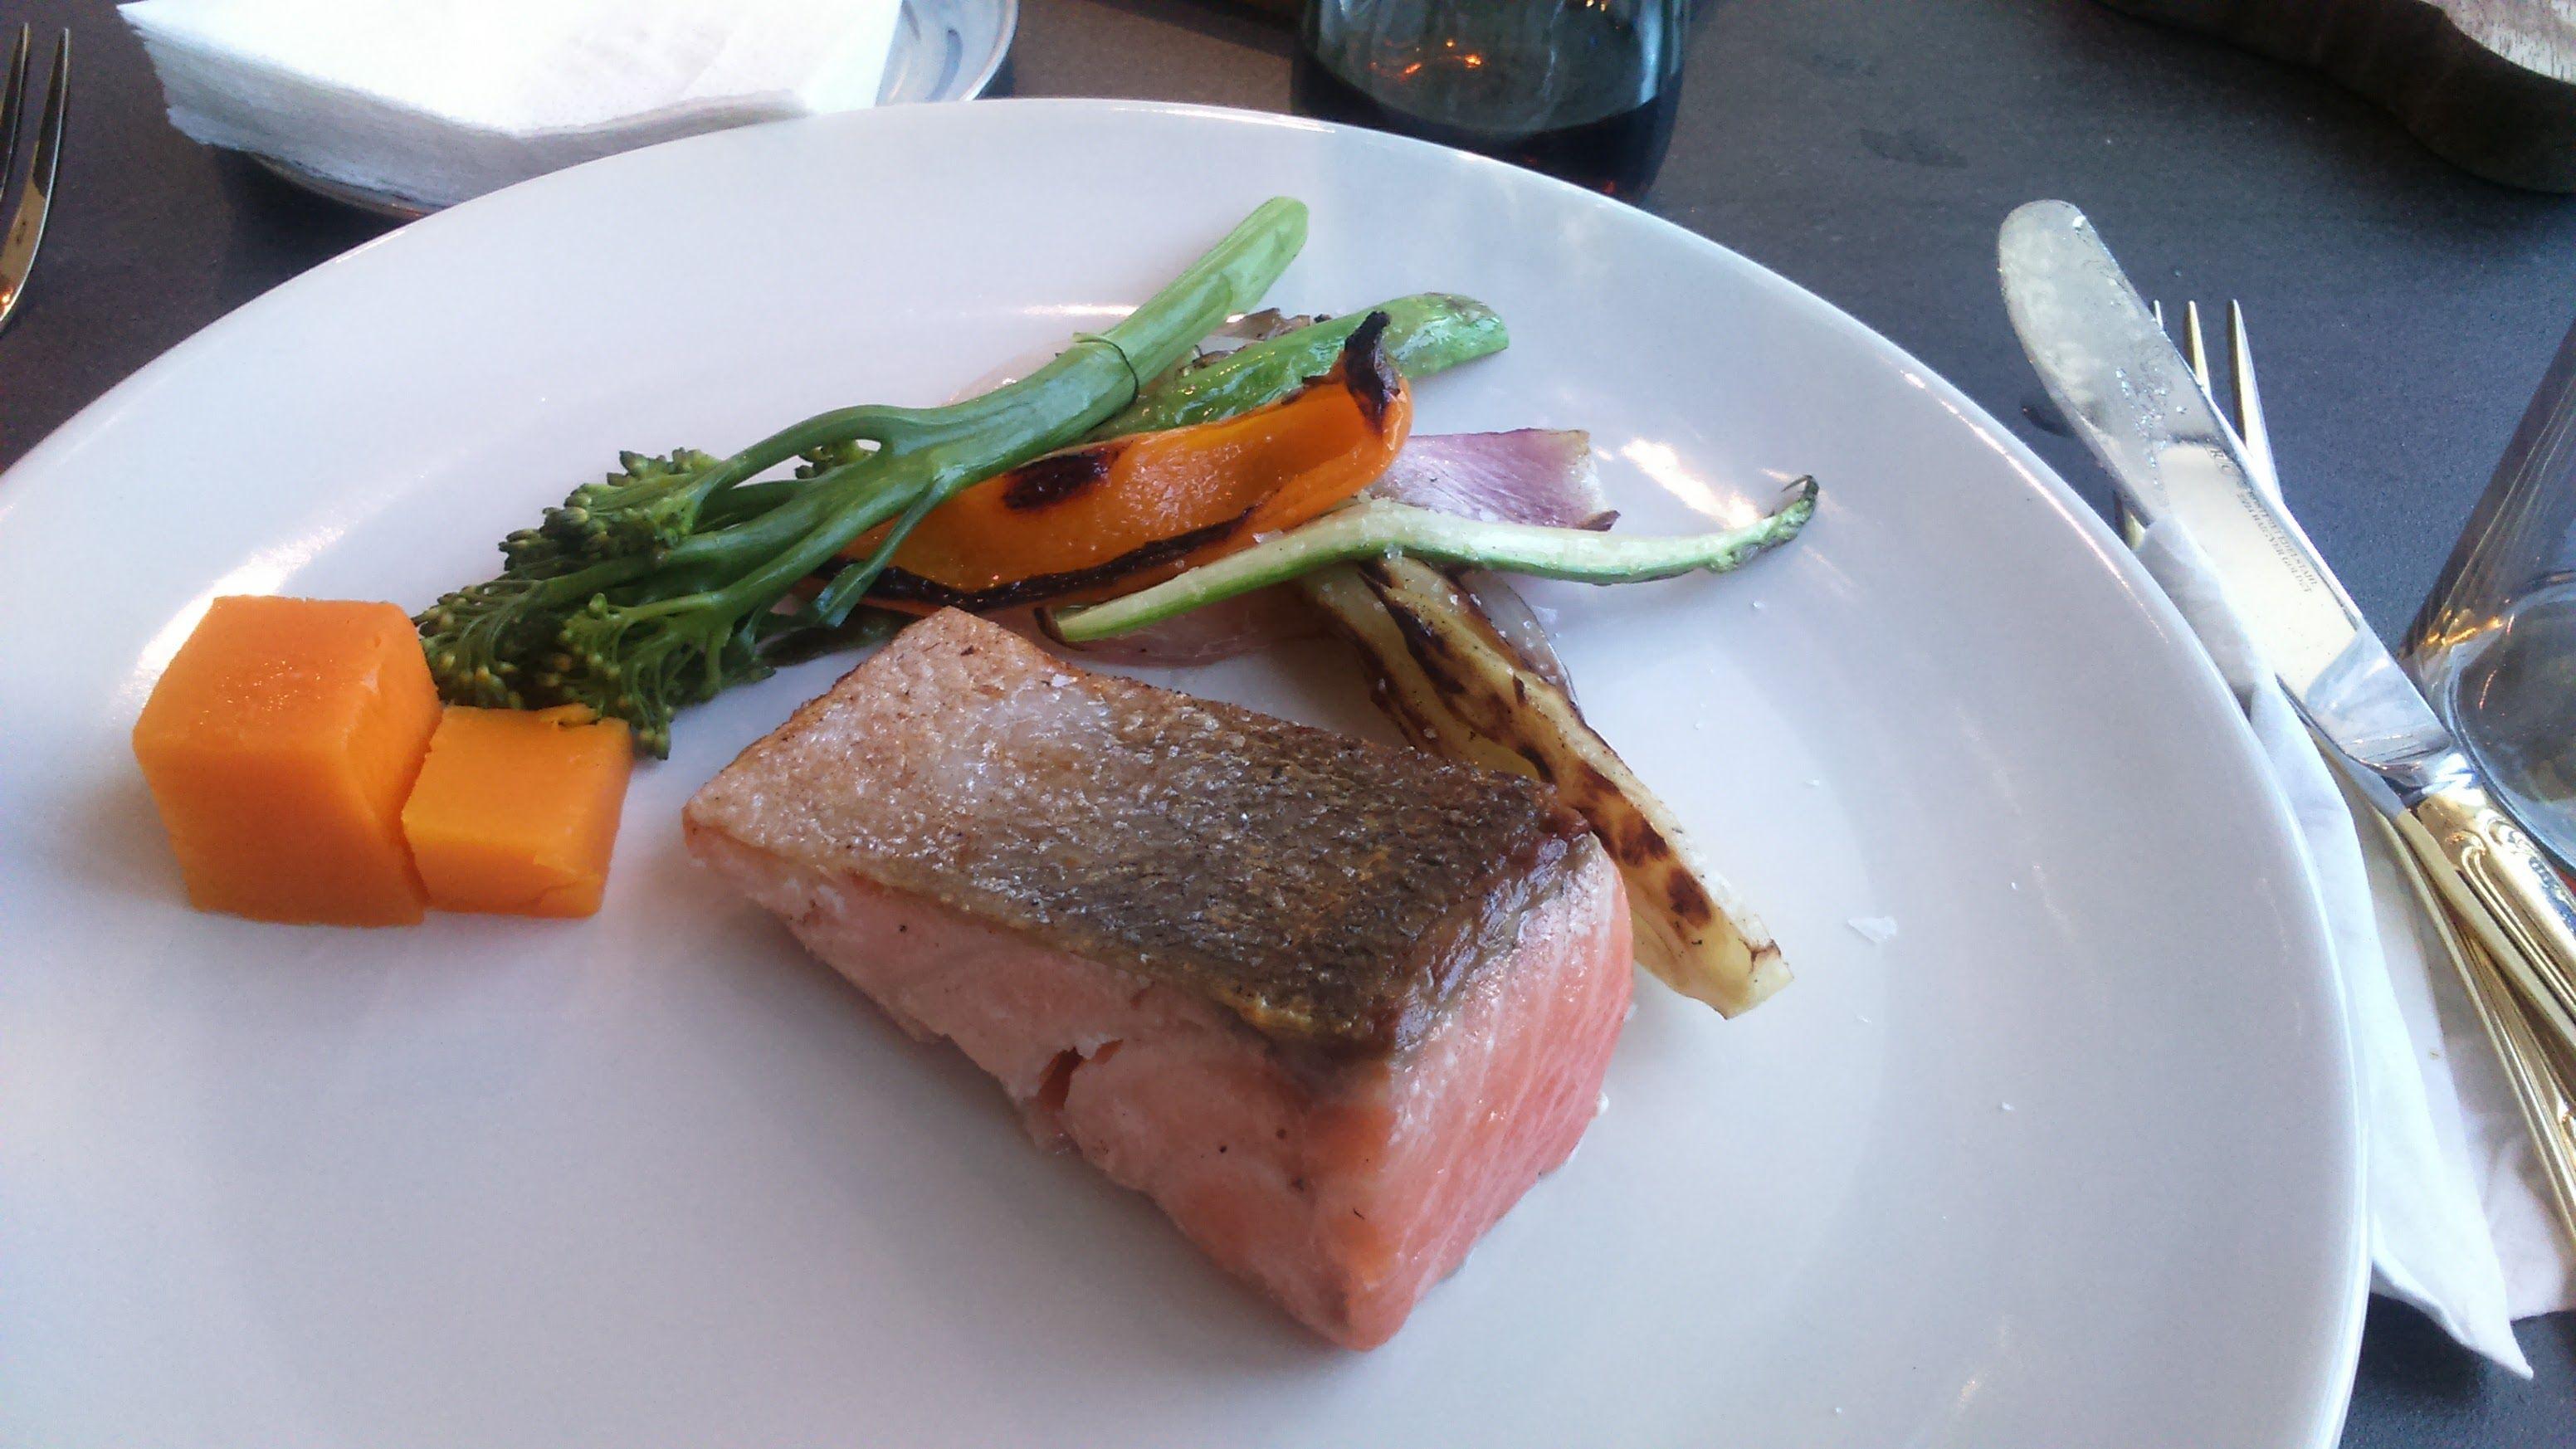 La cocina profesional en tu casa con Neff y KüchenHouse